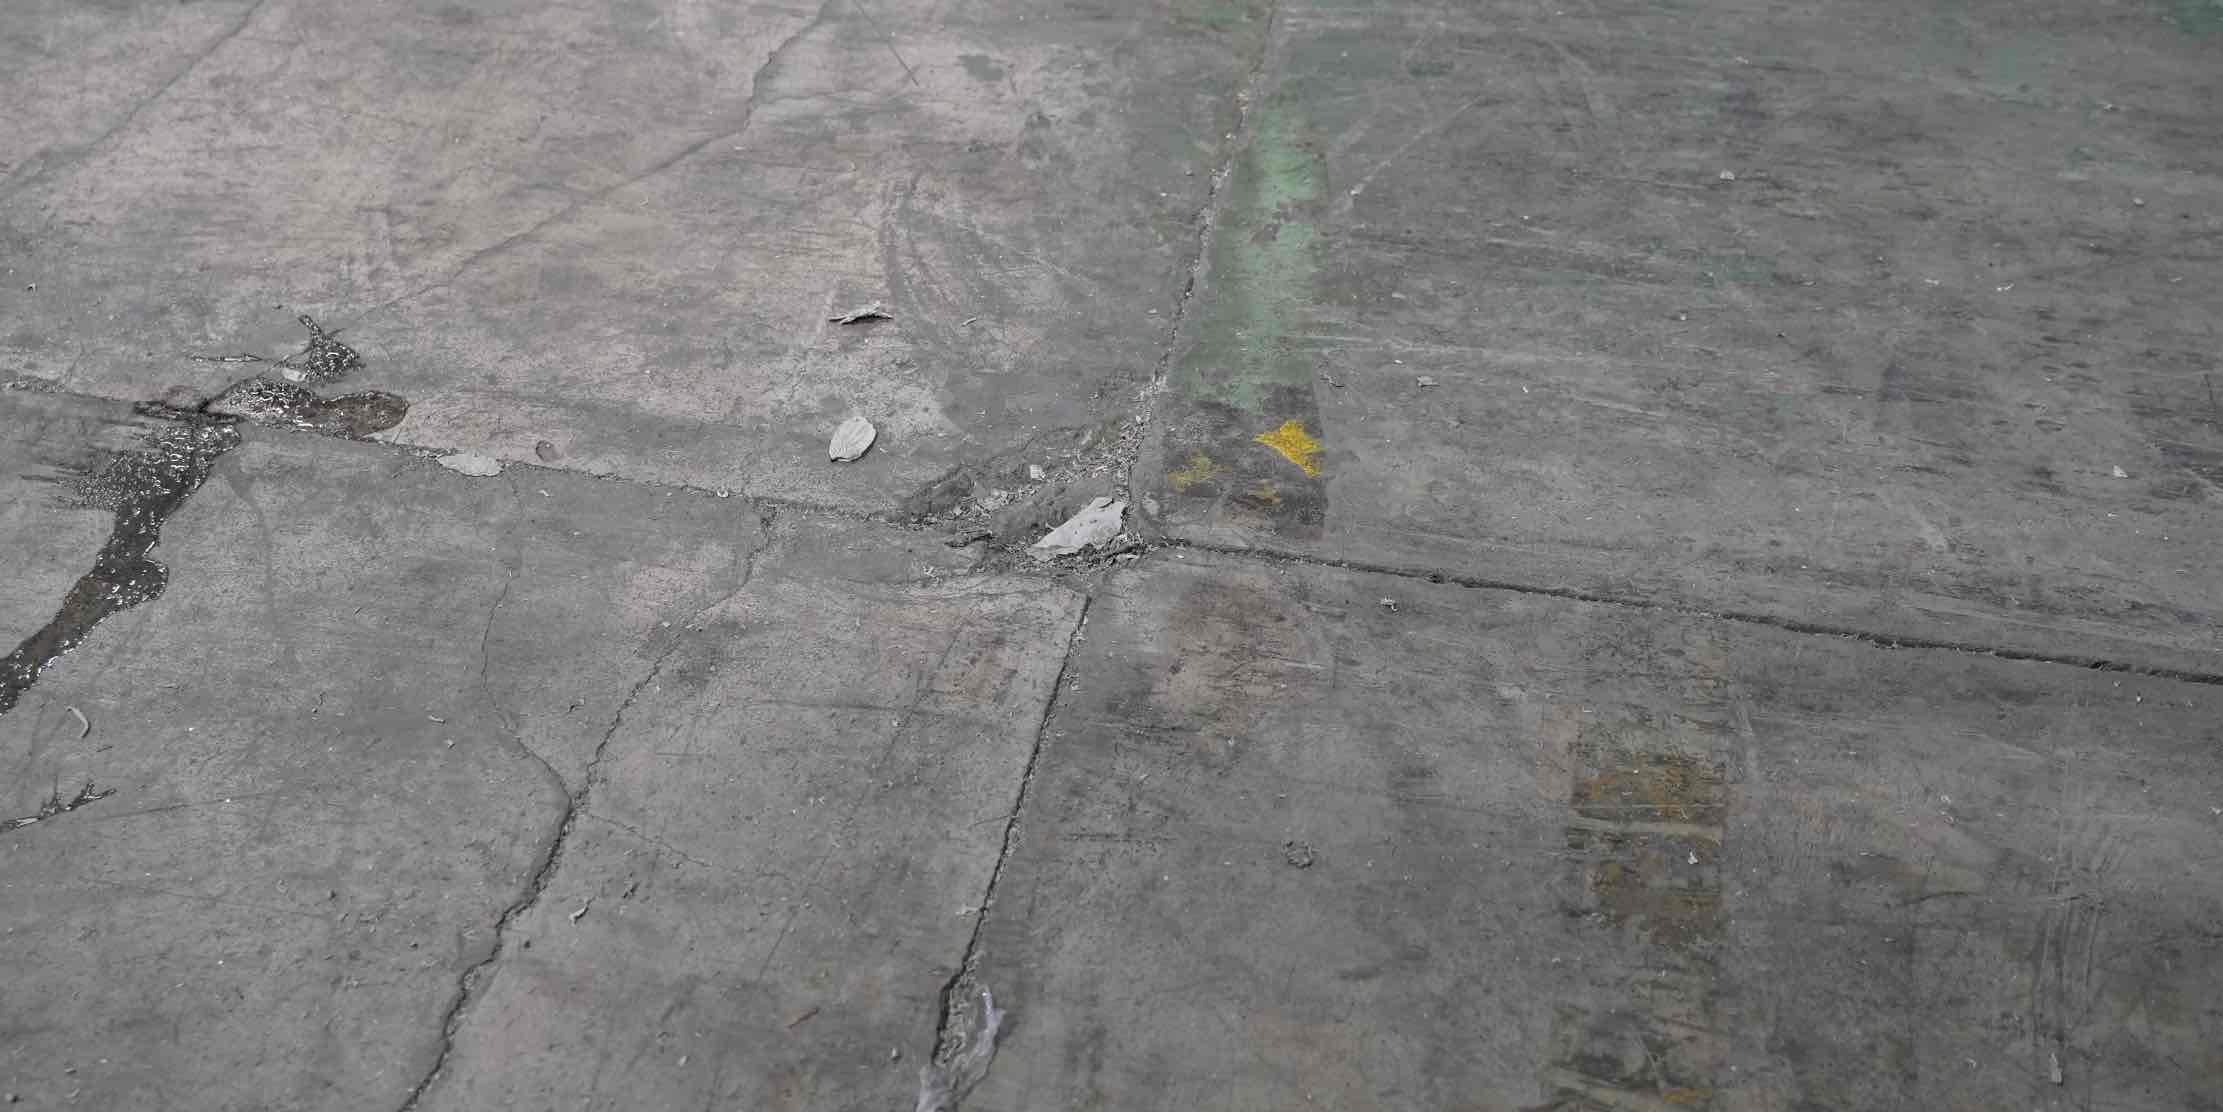 Concrete corner cracks